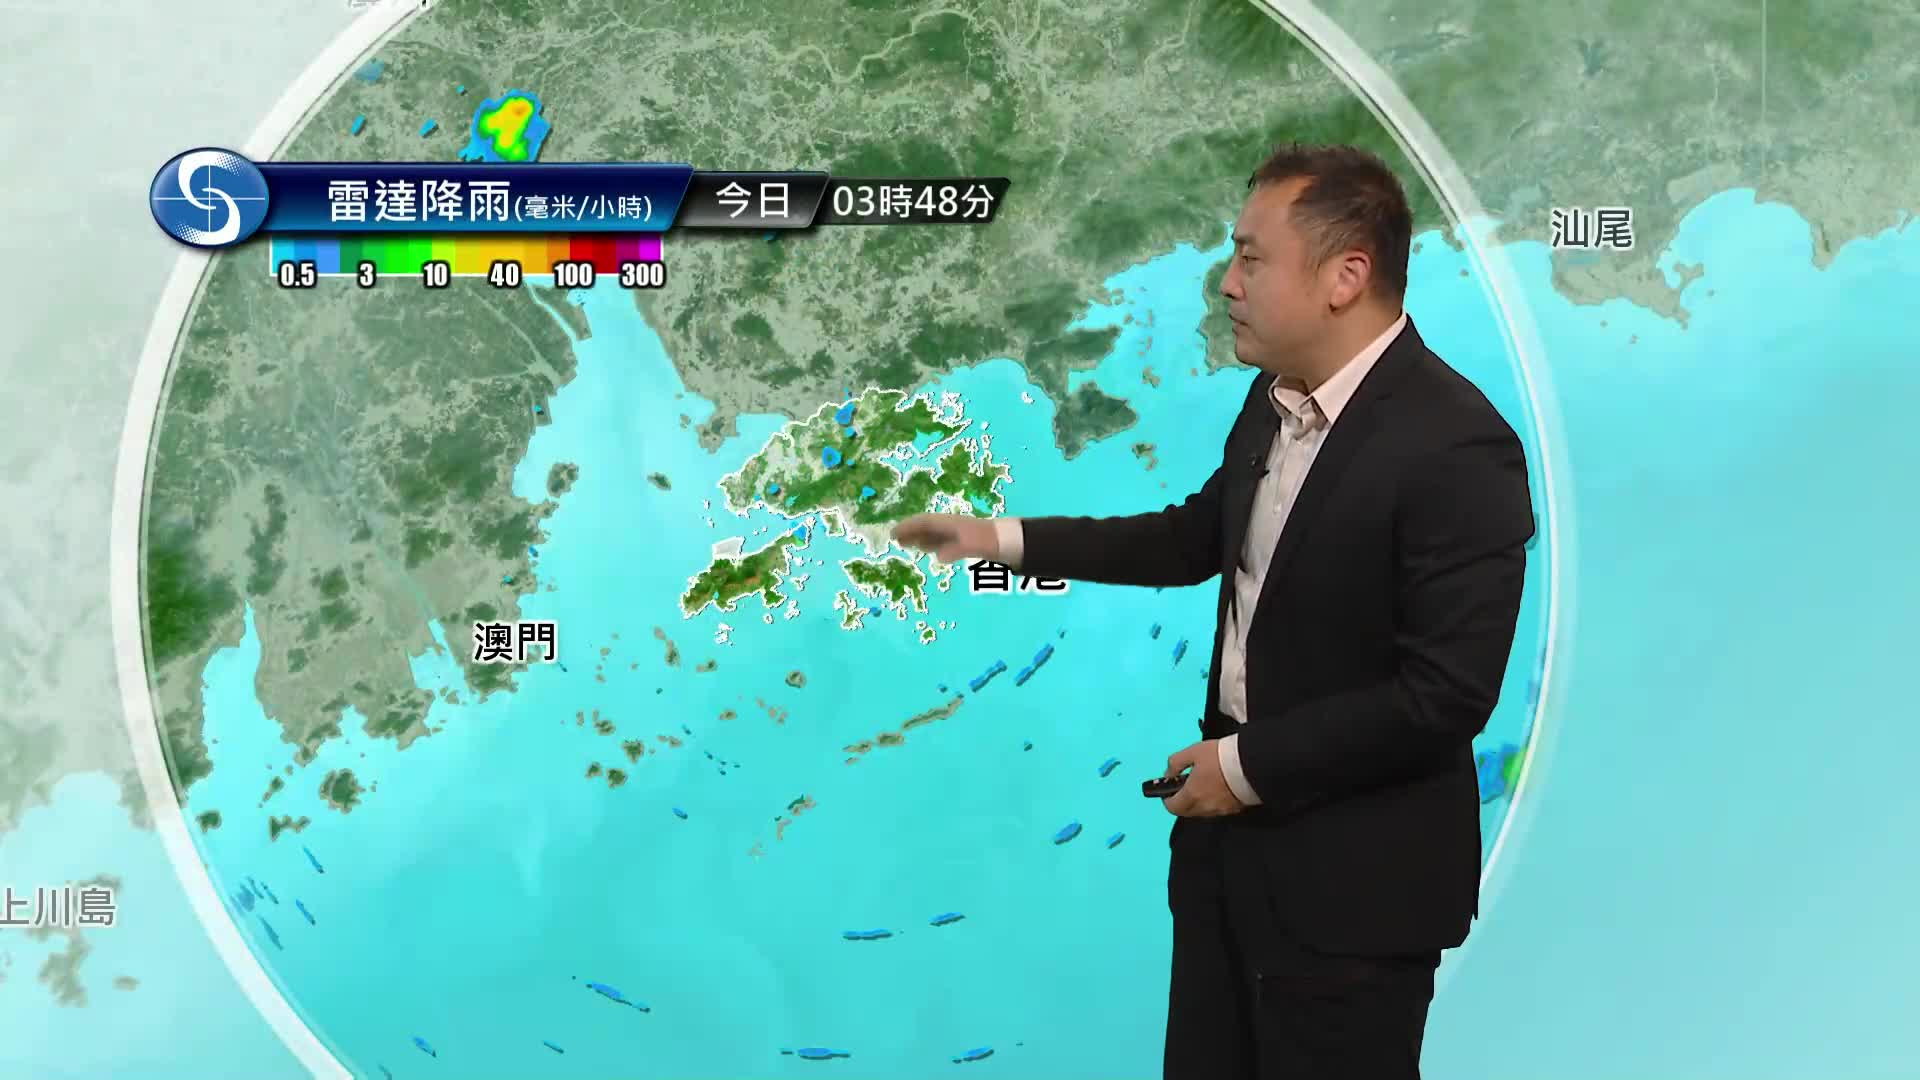 早晨天氣節目(07月24日上午7時) - 科學主任沈志泰